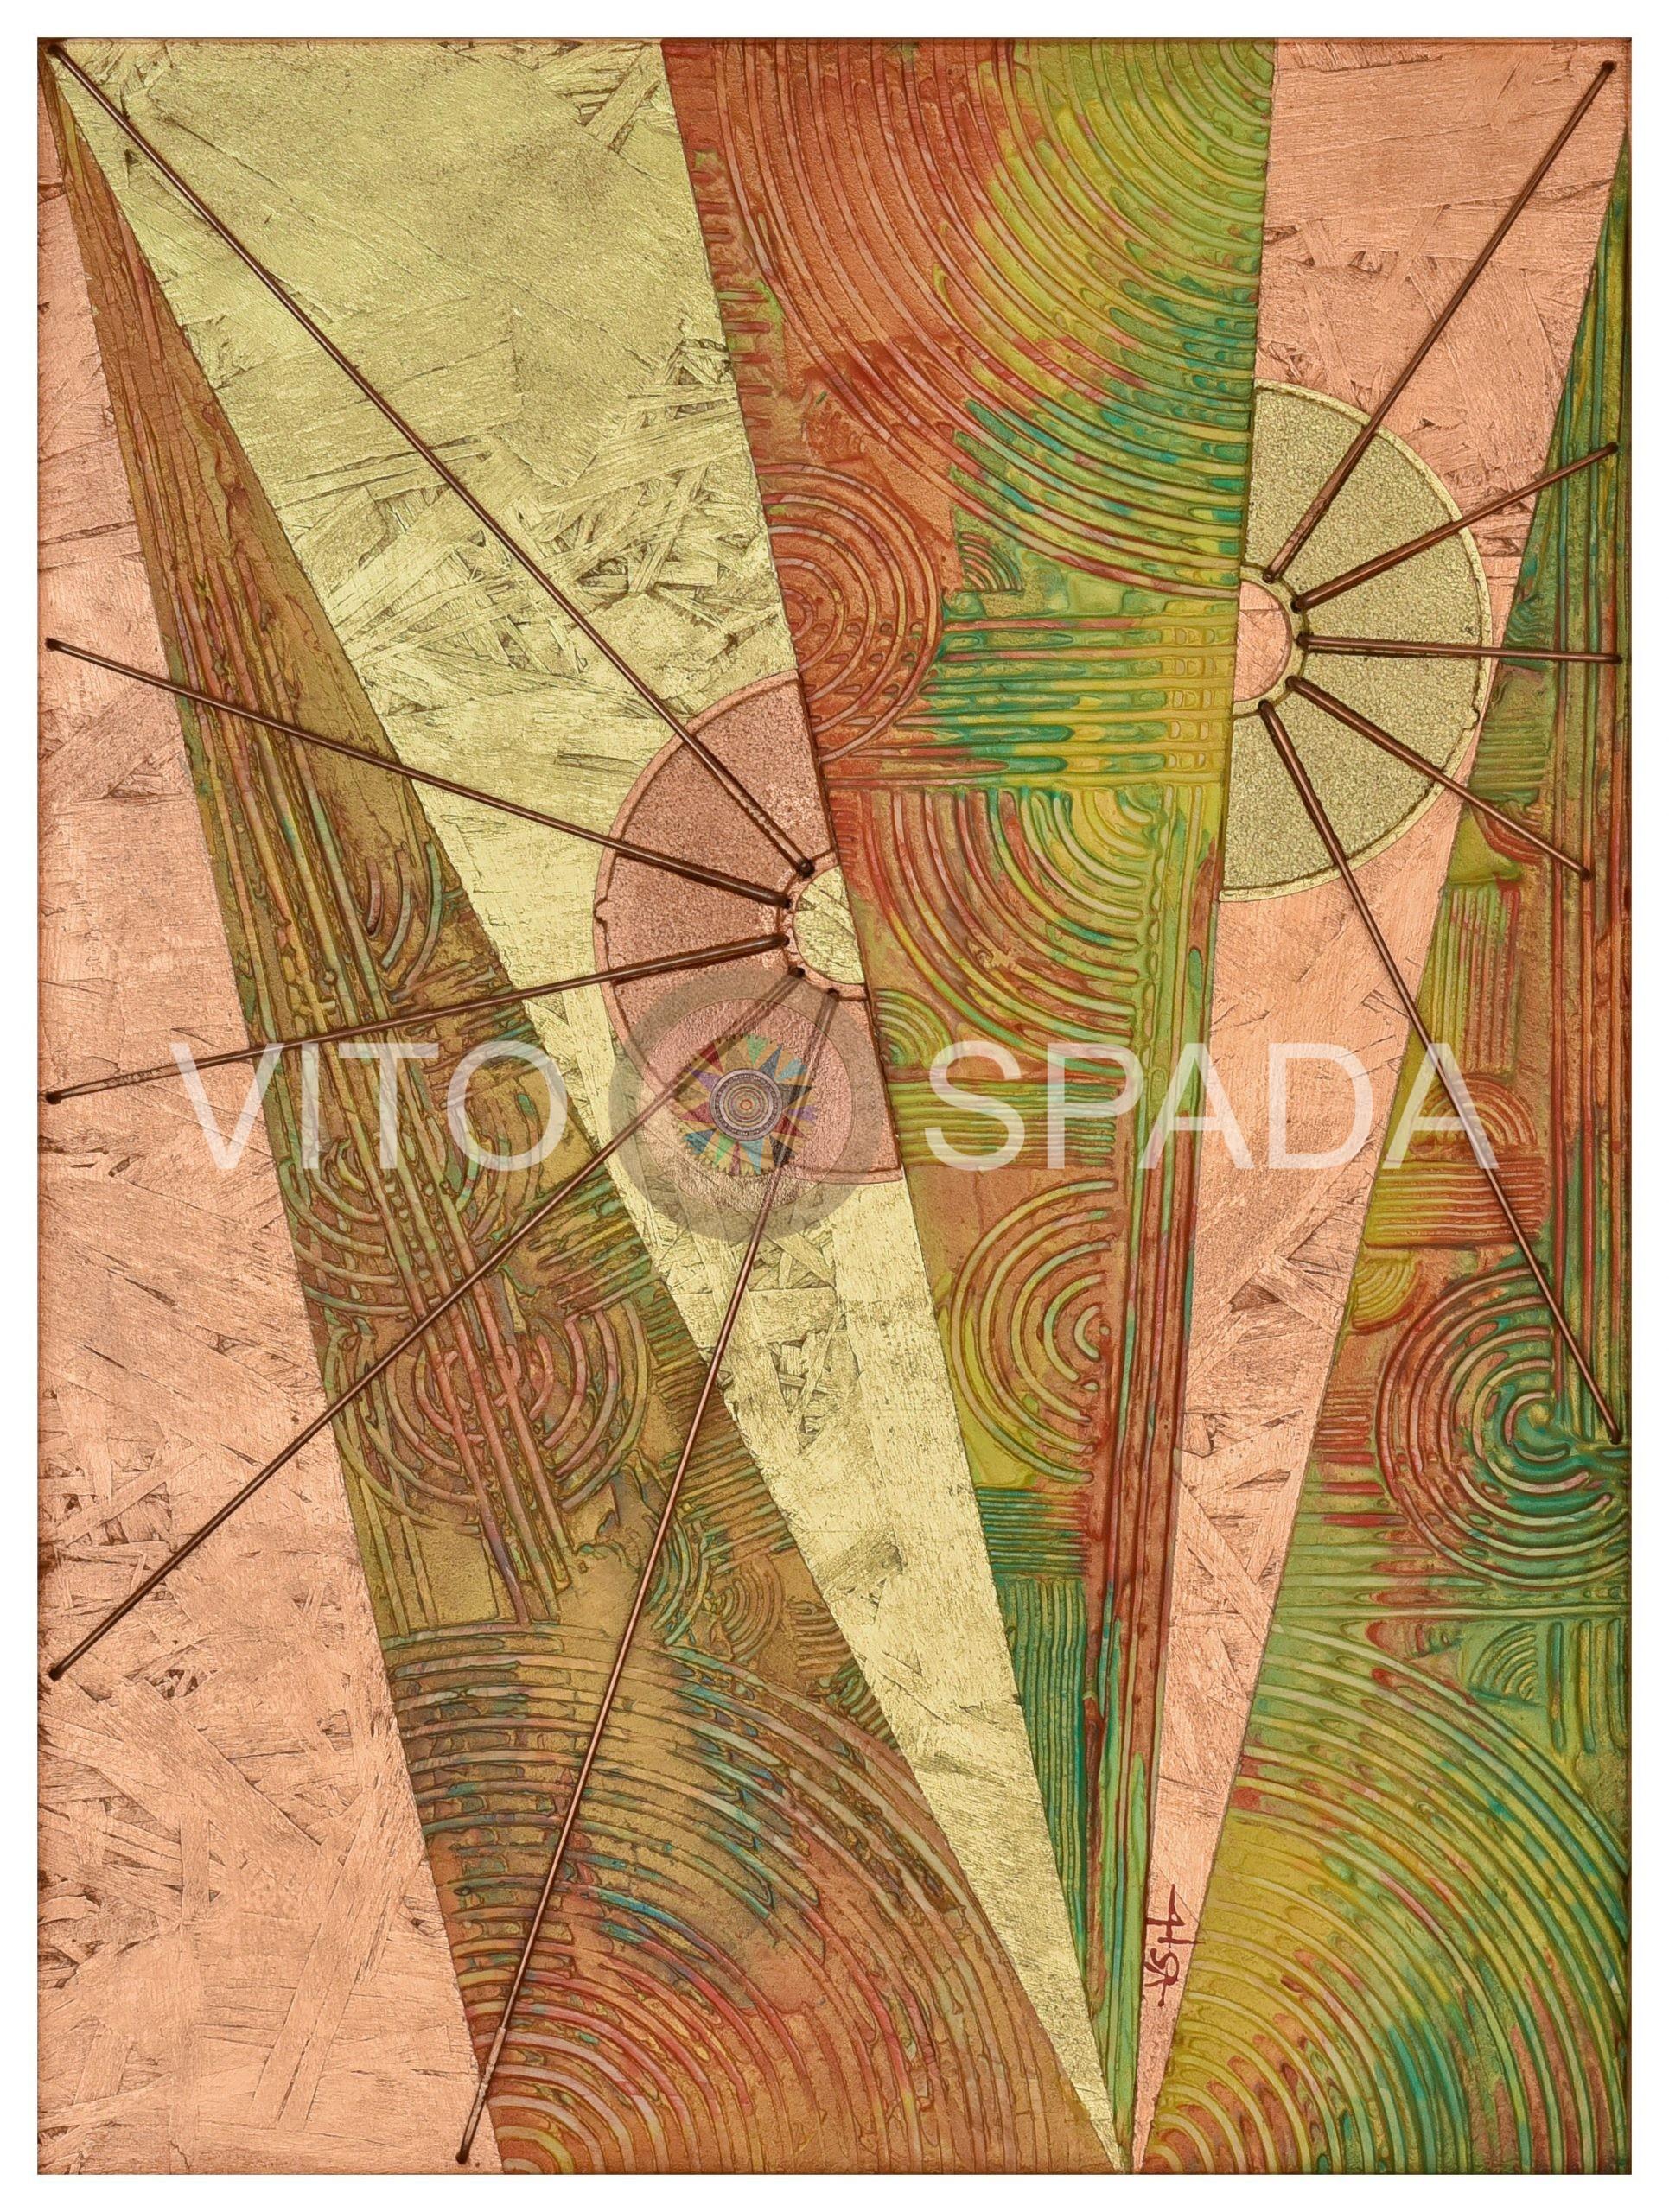 RIFLESSI DI SOLE, Polimaterio, stucco, acrilico, foglia oro, rame su pannello in OSB, 44x33, 2020